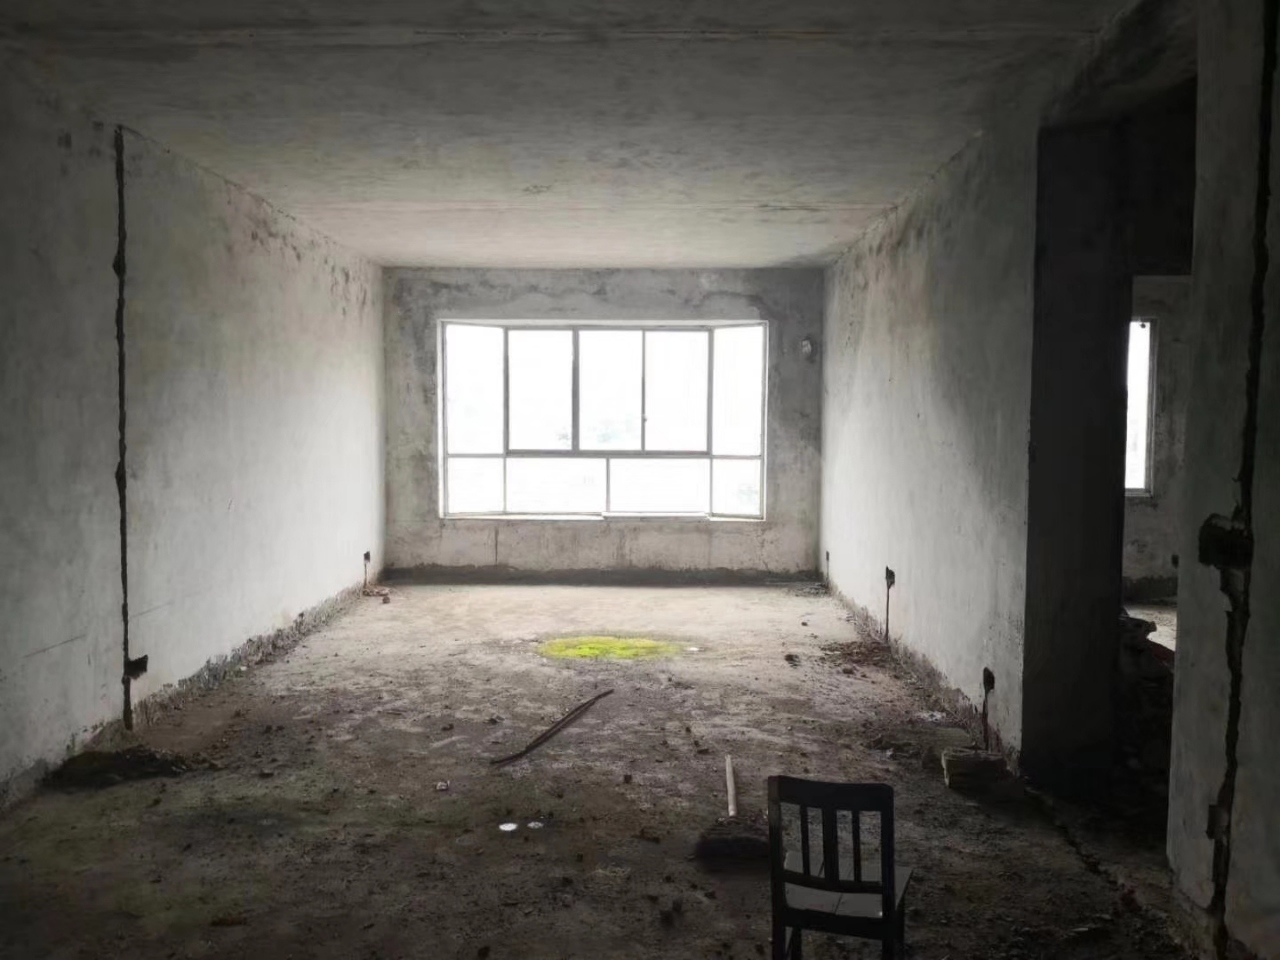 茶乡广场3室2厅1卫45.5万元